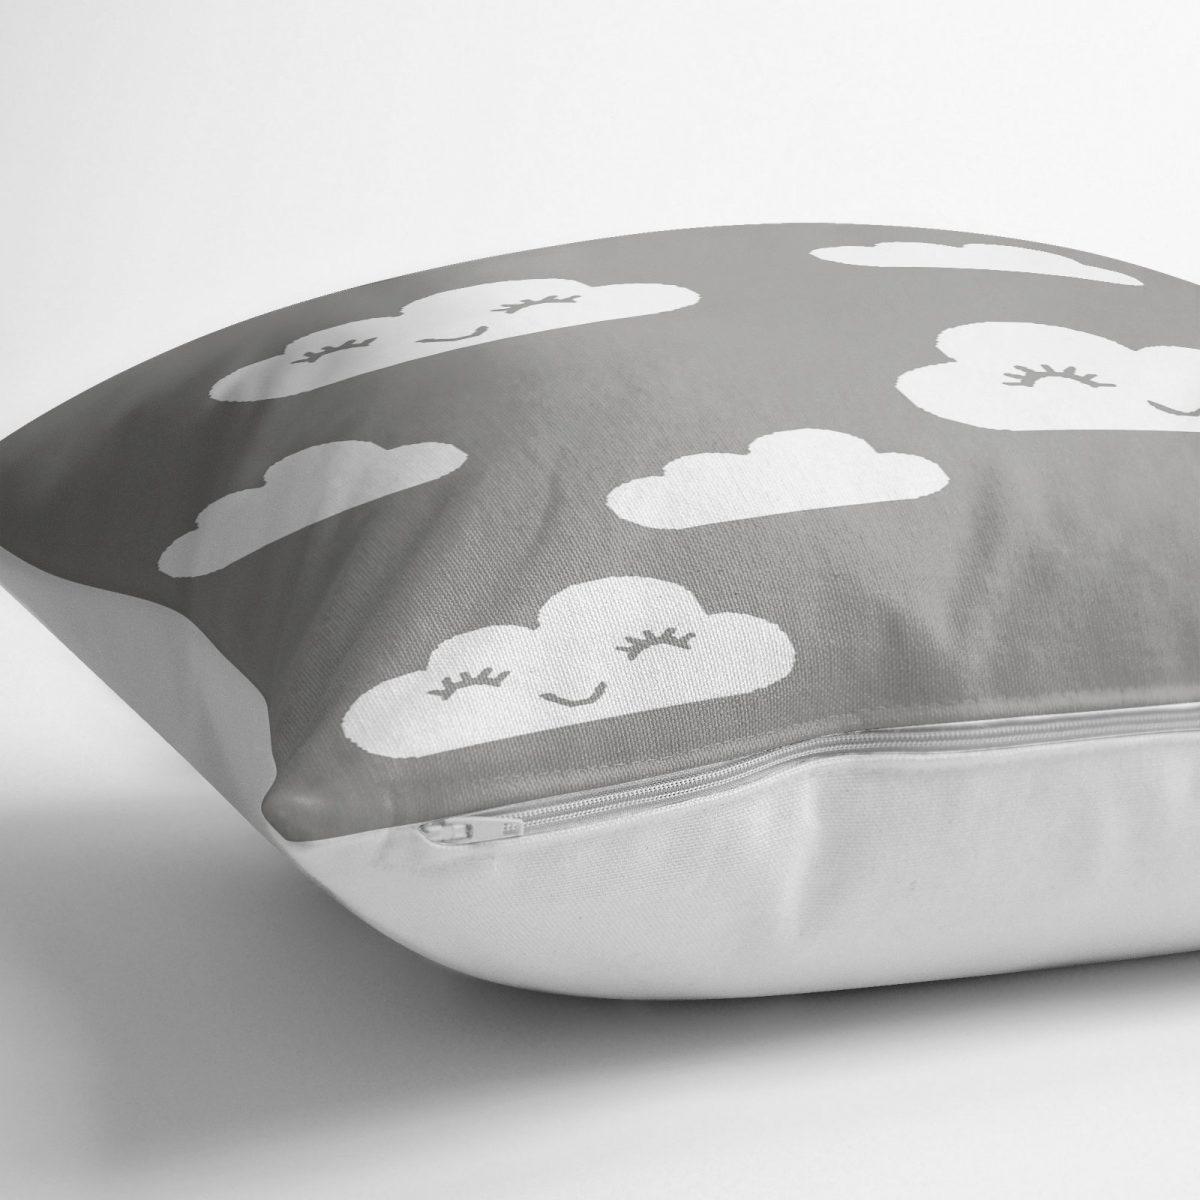 Gri Zeminli Bulut Motifli Dijital Baskılı Dekoratif Yer Minderi - 70 x 70 cm Realhomes